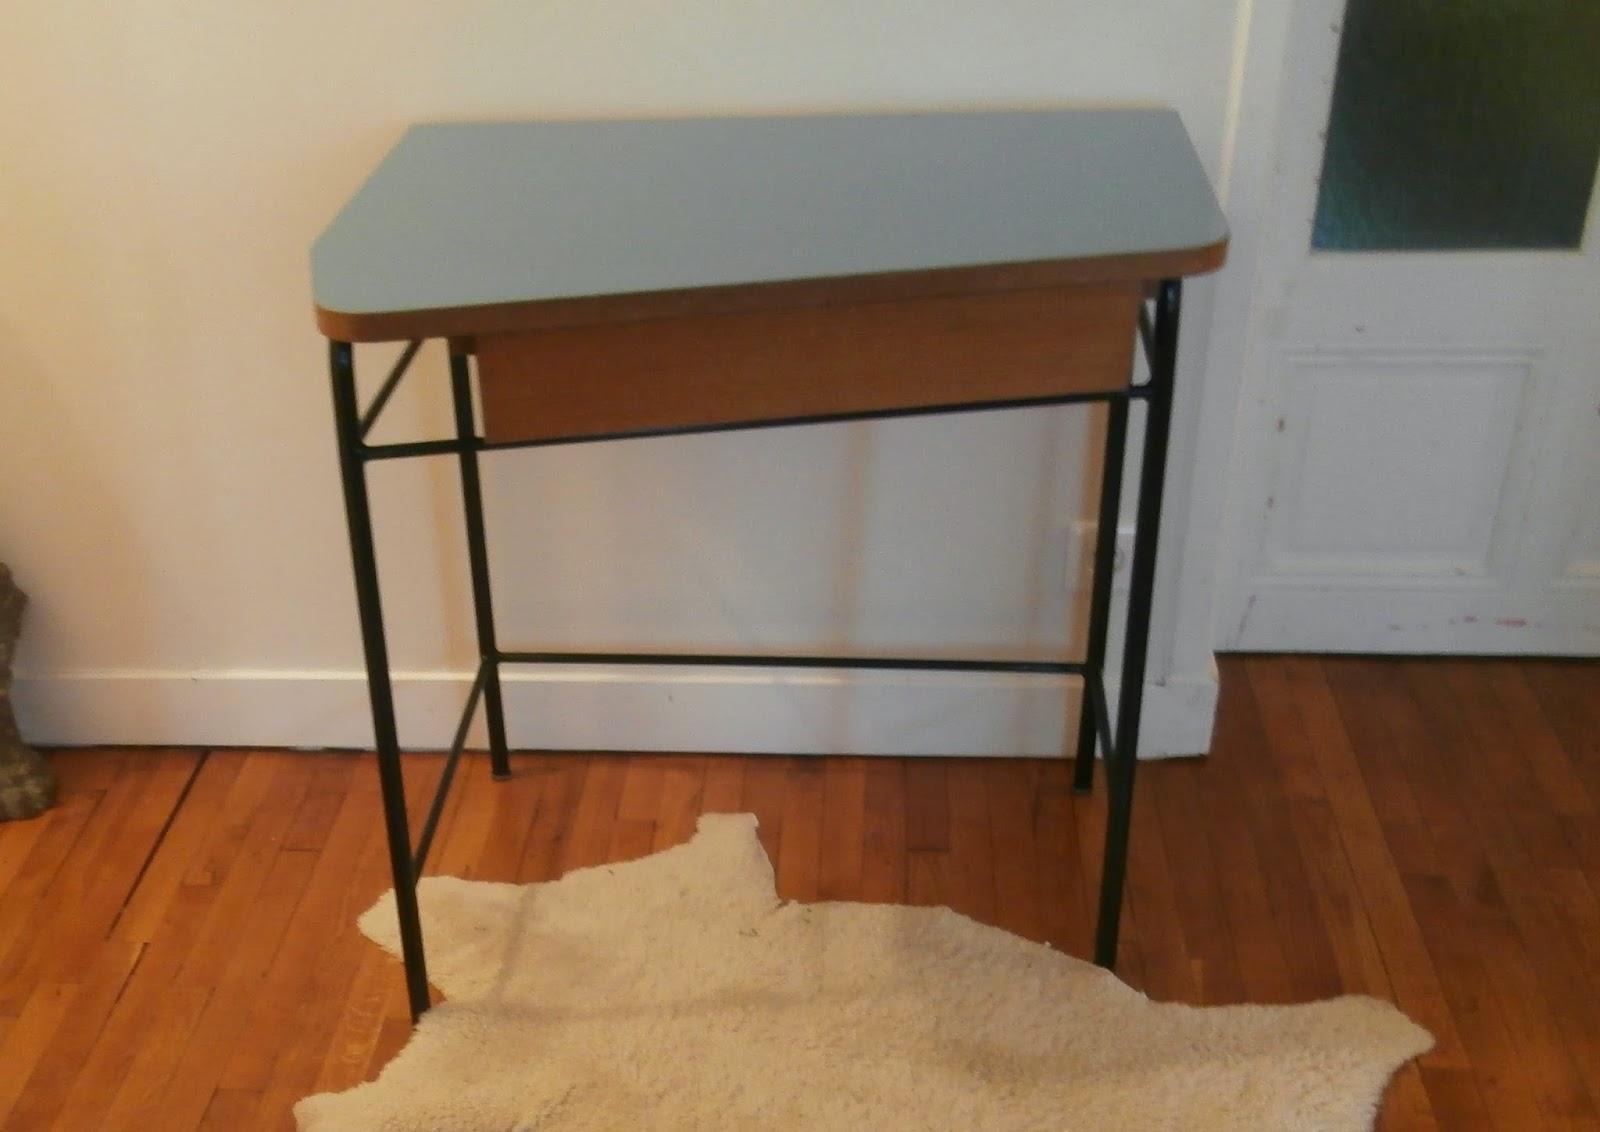 Dur e de vie ind termin e petit bureau en formica pieds for Petit bureau metal